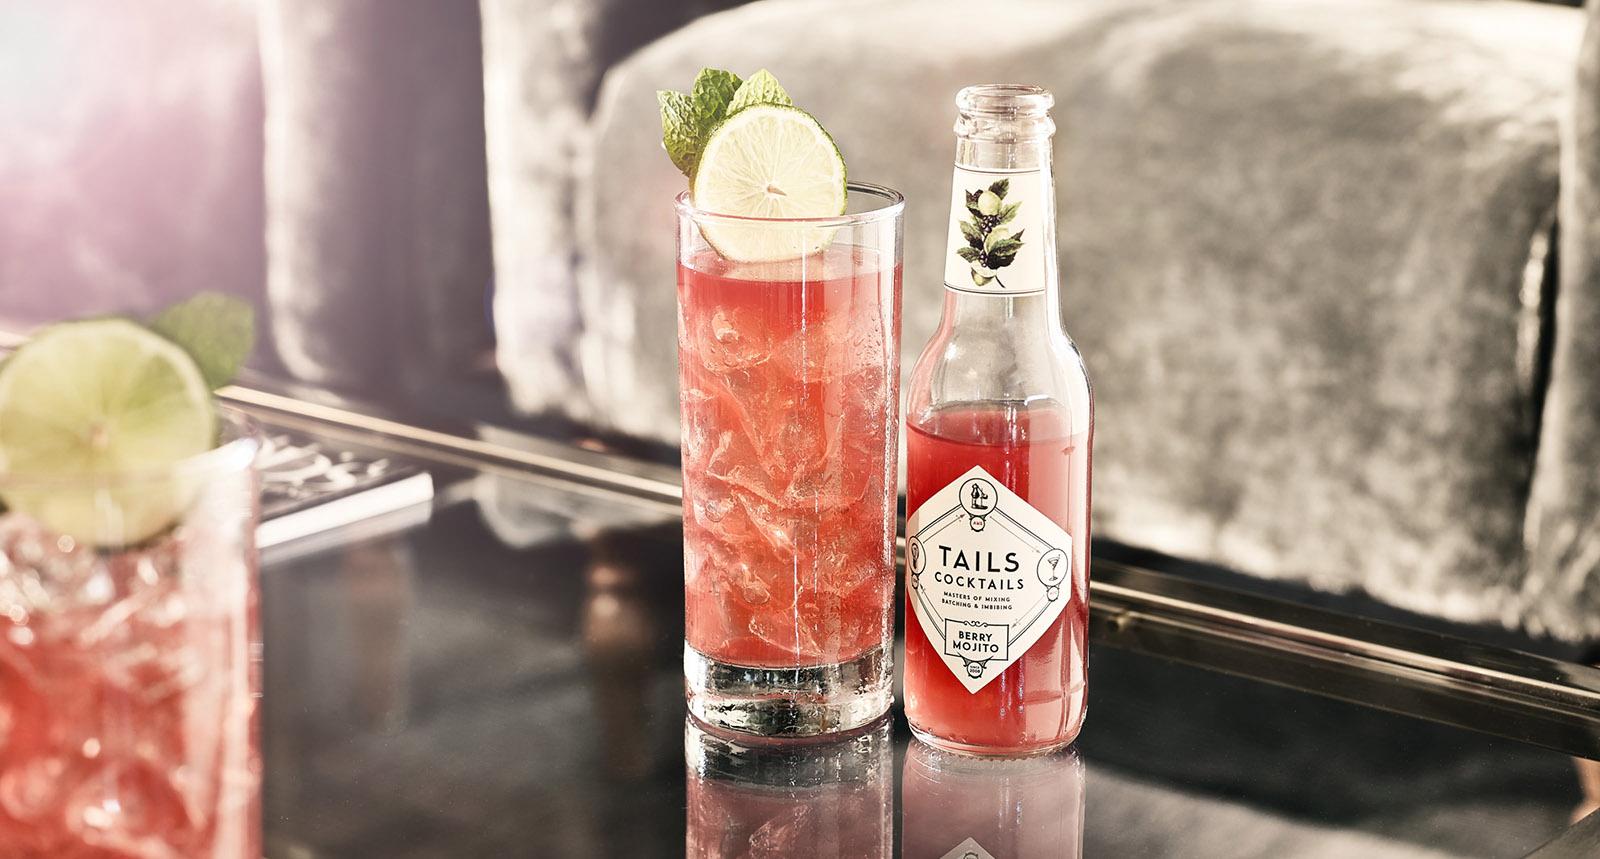 Tails Berry Mojito